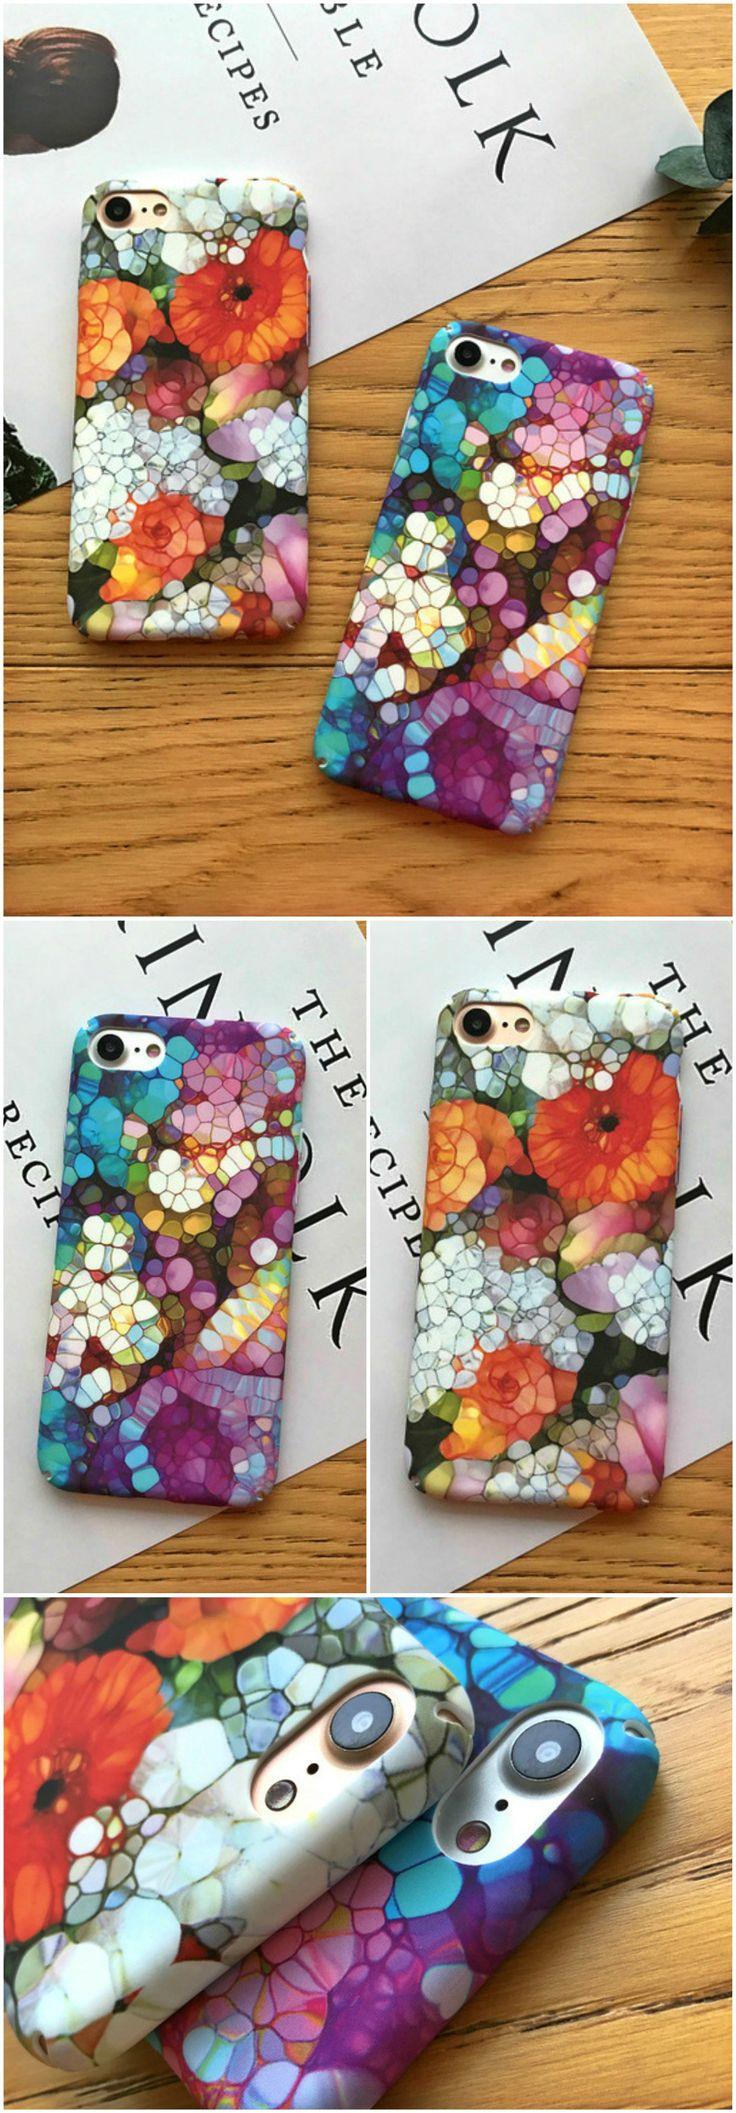 Exquisite Stone Art iPhone Case